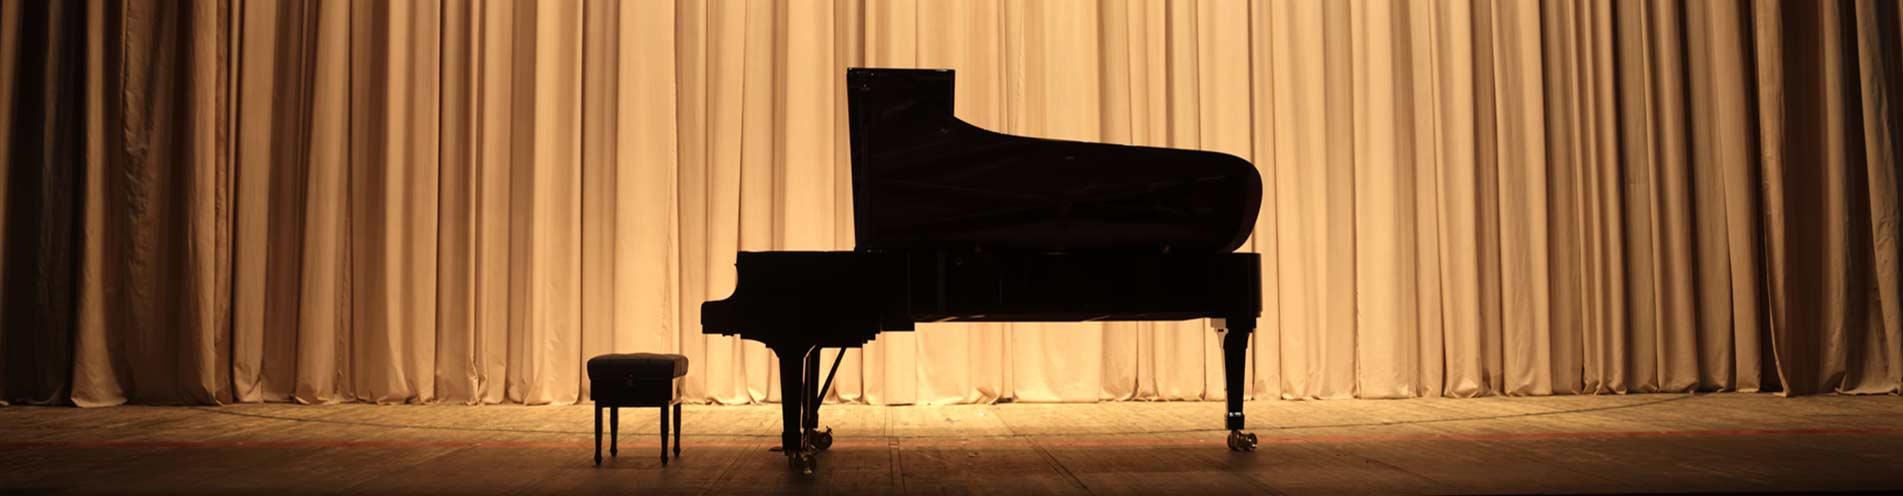 slider-piano